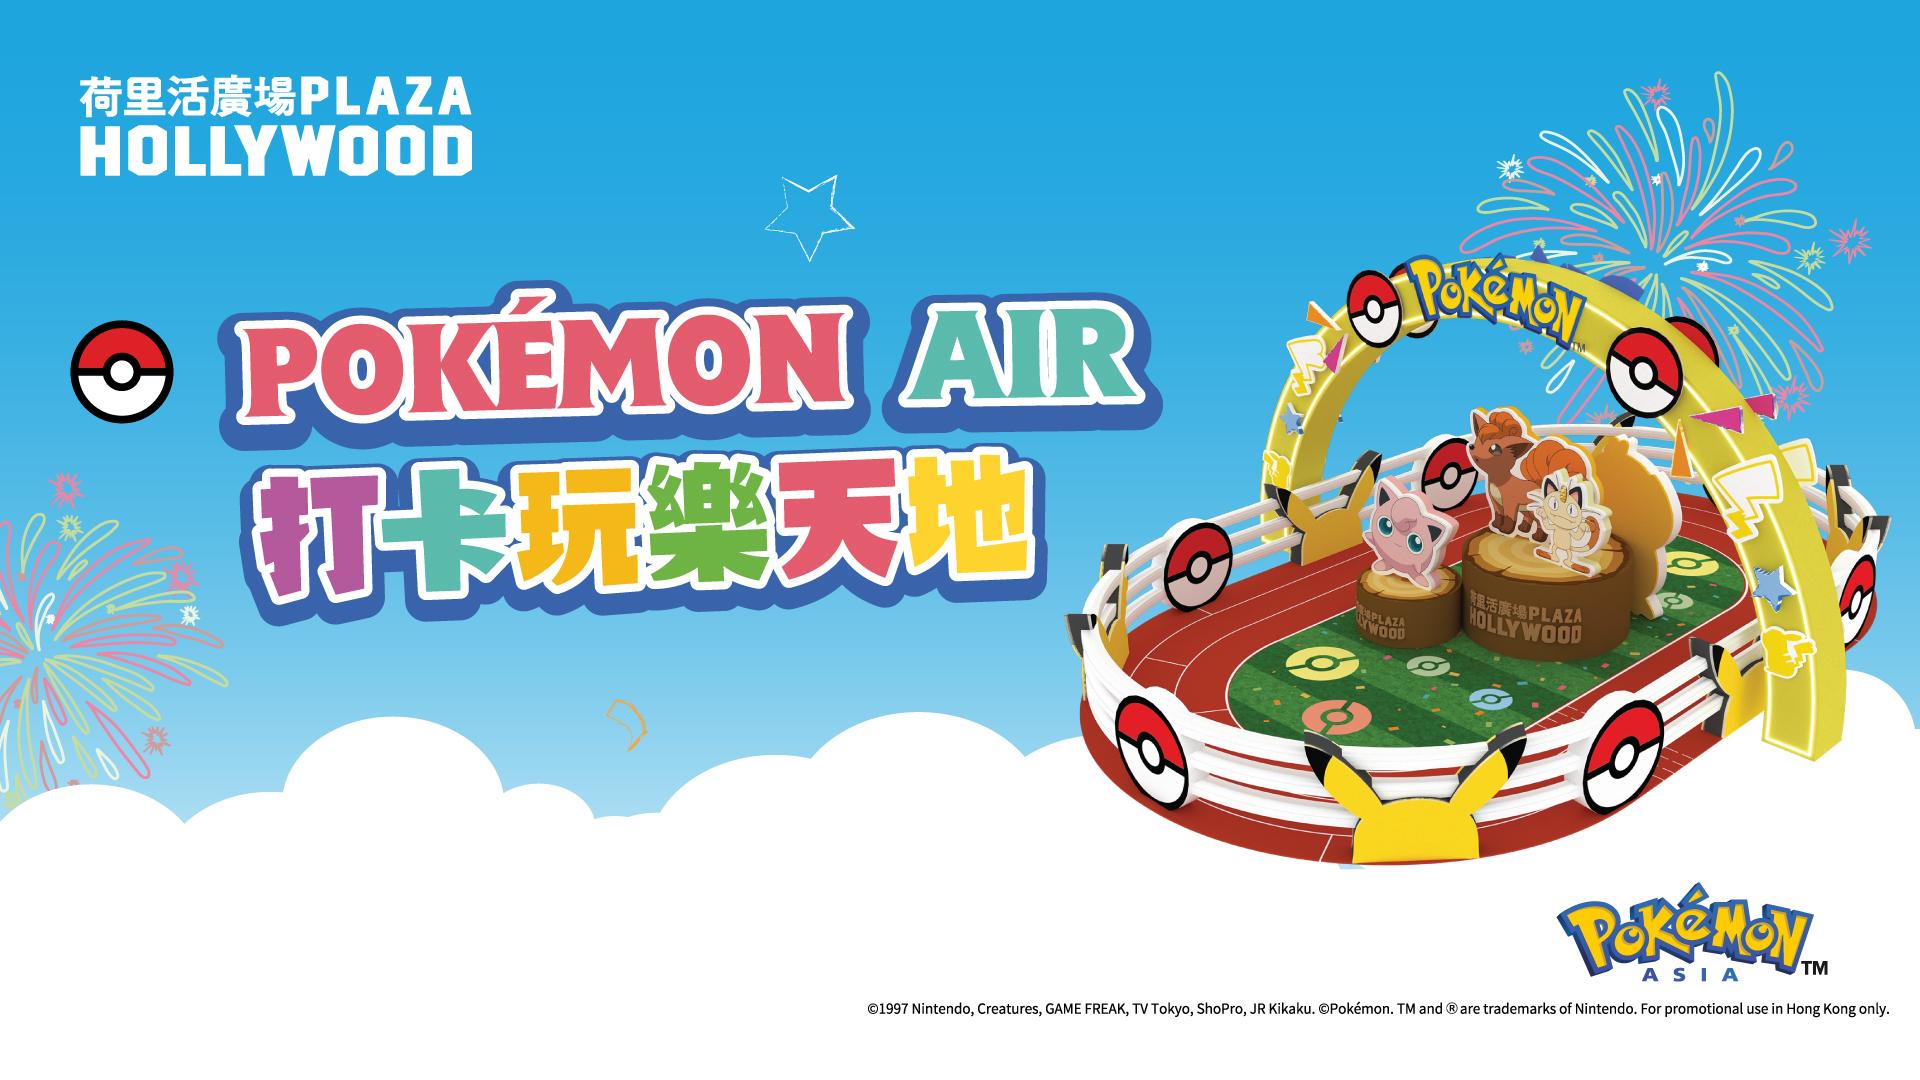 POKÉMON AIR Photospot Playground